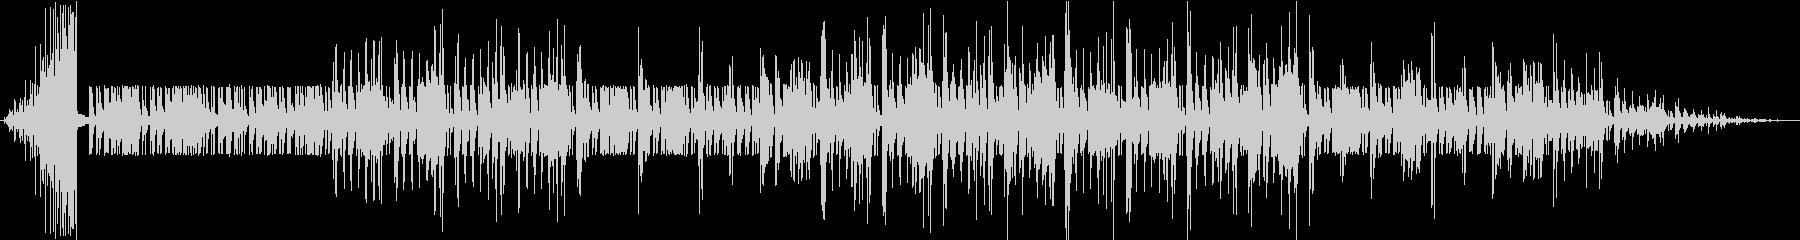 チャランゴの合奏の未再生の波形